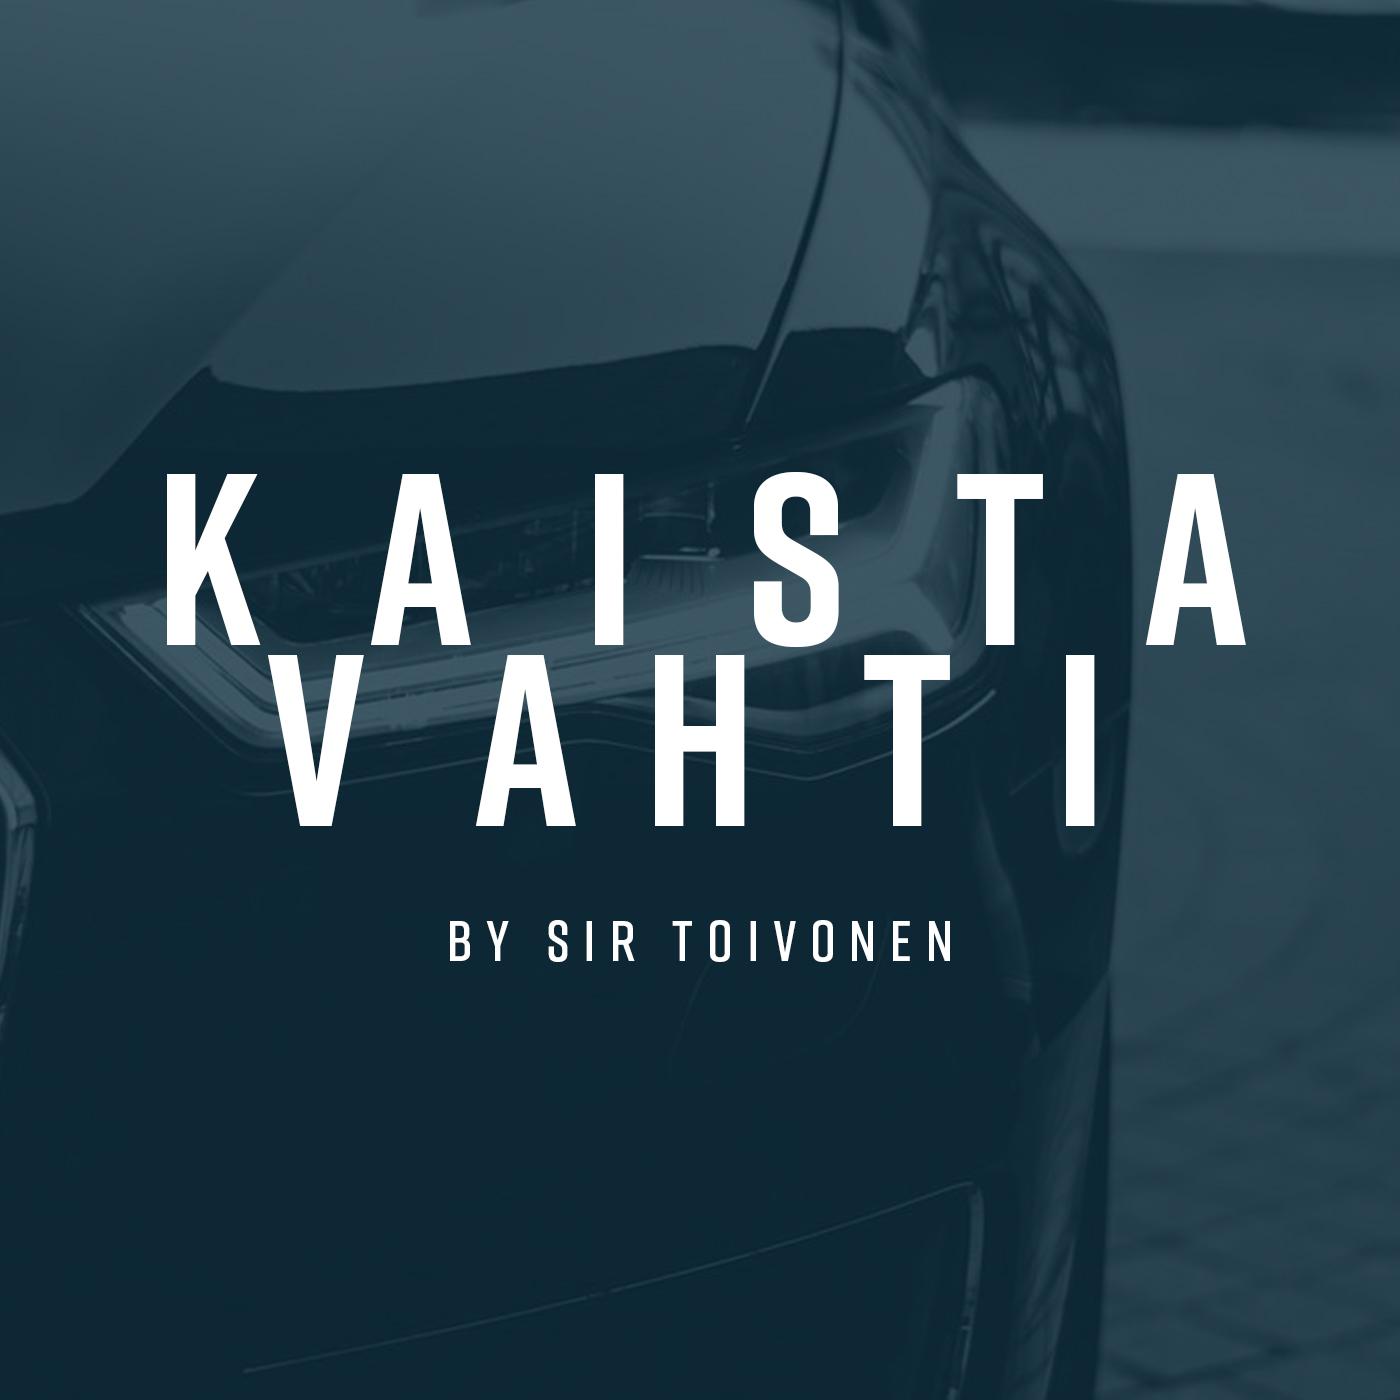 Kaistavahti_1400x1400.jpg